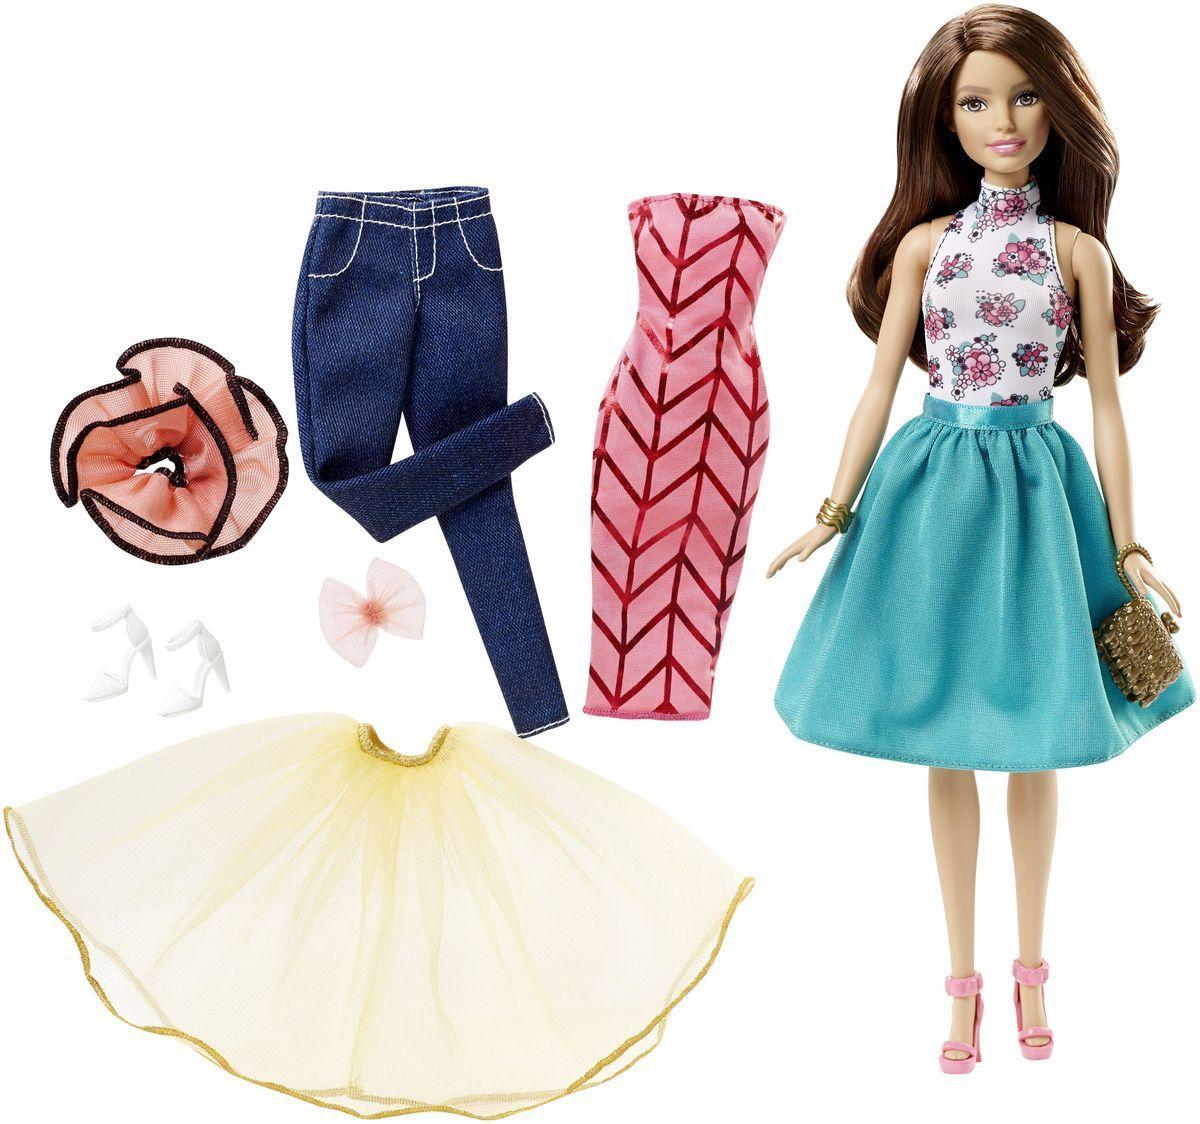 Barbie Кукла Подбирай наряды цвет одежды зеленый розовыйDJW57_DJW59Кукла Barbie Подбирай наряды (Fashion Mixn Match) - это бескрайние возможности для придумывания захватывающих историй! Всего несколько украшений позволяют создать больше 20 образов! На Барби надеты майка с цветами, зеленая юбка (она же накидка), белые туфли, браслет, клатч и серьги. Не нравится? Переоденьте ее! Имеется дополнительная одежда, дневная и ночная, повседневная и парадная: джинсы, платье, легкие верхние юбки. У куклы на голове бант, кружевной воротник и запасная обувь. В наборе - кукла Барби и предмета одежды: двусторонняя маечка, юбка-накидка, легкая верхняя юбка, брюки, двустороннее платье, воротничок, бант, сумочка, две пары обуви и украшение (браслет или серьги). Ваша малышка придет в восторг от такого подарка, и с удовольствием будет играть с куколкой, которая готова унести ее в мир фантазий: ведь с Барби можно быть кем угодно!